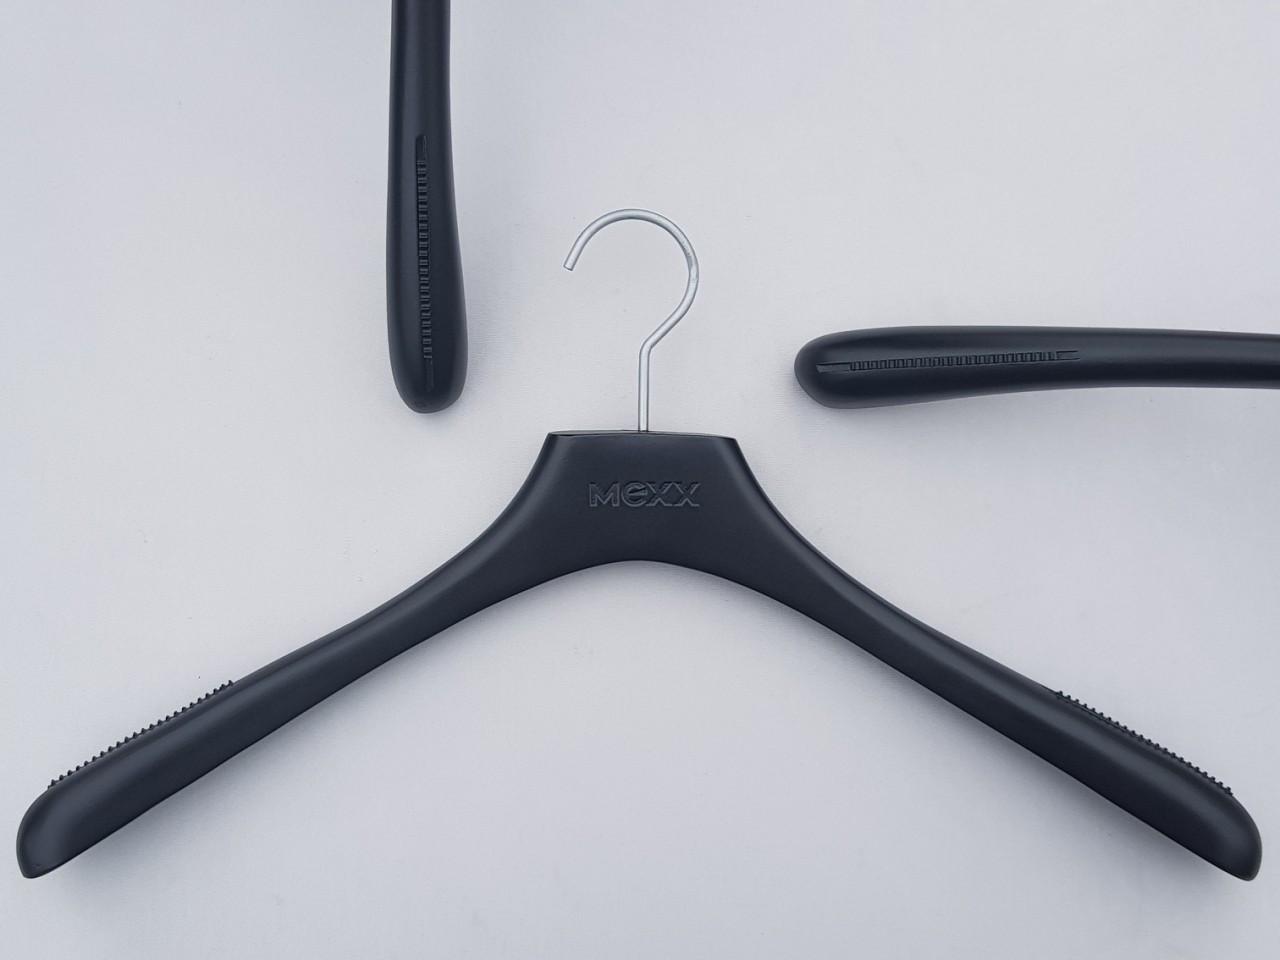 Плечики вешалки деревянные Mexx с антискользящей резинкой, черного цвета, длина 46 см